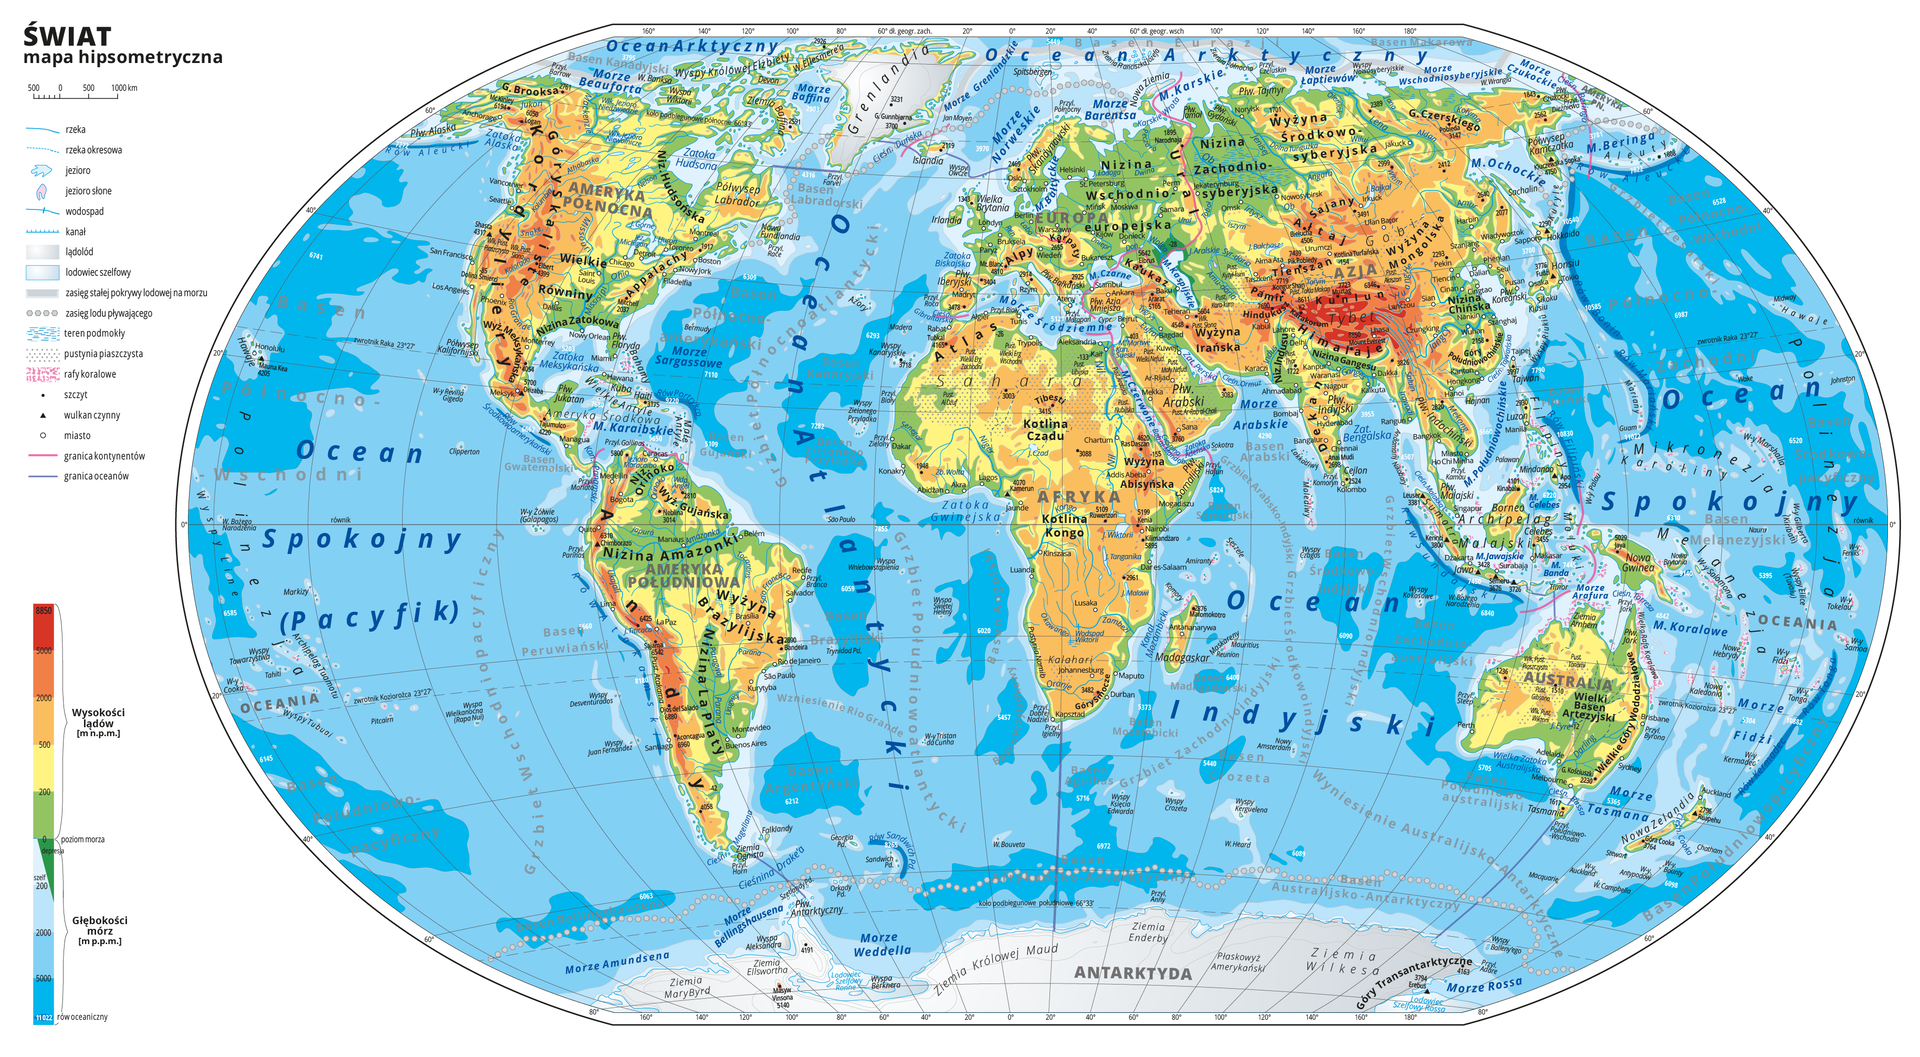 Ilustracja przedstawia mapę hipsometryczną świata. Wobrębie lądów występują obszary wkolorze zielonym, żółtym, pomarańczowym iczerwonym. Morza zaznaczono kolorem niebieskim. Cienką czerwoną linią zaznaczono kontur Polski. Czerwoną linią oznaczono granicę kontynentów. Na mapie opisano nazwy kontynentów, półwyspów, wysp, głównych nizin, wyżyn ipasm górskich, pustyń, oceanów, mórz, basenów, głównych rzek ijezior . Oznaczono iopisano główne miasta. Obszar Antarktydy iGrenlandii oznaczono biało-szarym gradientem, obrazującym lądolód. Wzdłuż równoleżnika sześćdziesiąt stopni szerokości geograficznej południowej przebiega zasięg lodu pływającego oznaczony przerywaną linią kropkowaną. Podobna linia przebiega wzdłuż wybrzeży Grenlandii , Kurylów iPółwyspu Kamczatka na północy. Mapa pokryta jest równoleżnikami ipołudnikami. Dookoła mapy wbiałej ramce opisano współrzędne geograficzne co dwadzieścia stopni. Po lewej stronie mapy na dole wlegendzie umieszczono prostokątny pionowy pasek. Pasek podzielono na dziewięć części. Ugóry – czerwony iciemnopomarańczowy, dalej jasnopomarańczowy iżółty, kolejno cztery odcienie niebieskiego od jasnego do ciemnoniebieskiego. Wlegendzie opisano izobaty: dwieście metrów poniżej poziomu morza, dwa tysiące metrów poniżej poziomu morza, pięć tysięcy metrów poniżej poziomu morza . Opisano poziomice: zero metrów (poziom morza), dwieście metrów powyżej poziomu morza, pięćset metrów powyżej poziomu morza, dwa tysiące metrów powyżej poziomu morza, pięć tysięcy metrów powyżej poziomu morza. Po lewej stronie mapy ugóry wlegendzie umieszczono znaki występujące na mapie wraz zich opisami: rzeka, rzeka okresowa, jezioro, jezioro słone, wodospad, kanał, lądolód, lodowiec szelfowy, zasięg stałej pokrywy lodowej na morzu, zasięg lodu pływającego, teren podmokły, pustynia piaszczysta, rafy koralowe, szczyt, wulkan czynny, miasto, granica kontynentów, granica oceanów.